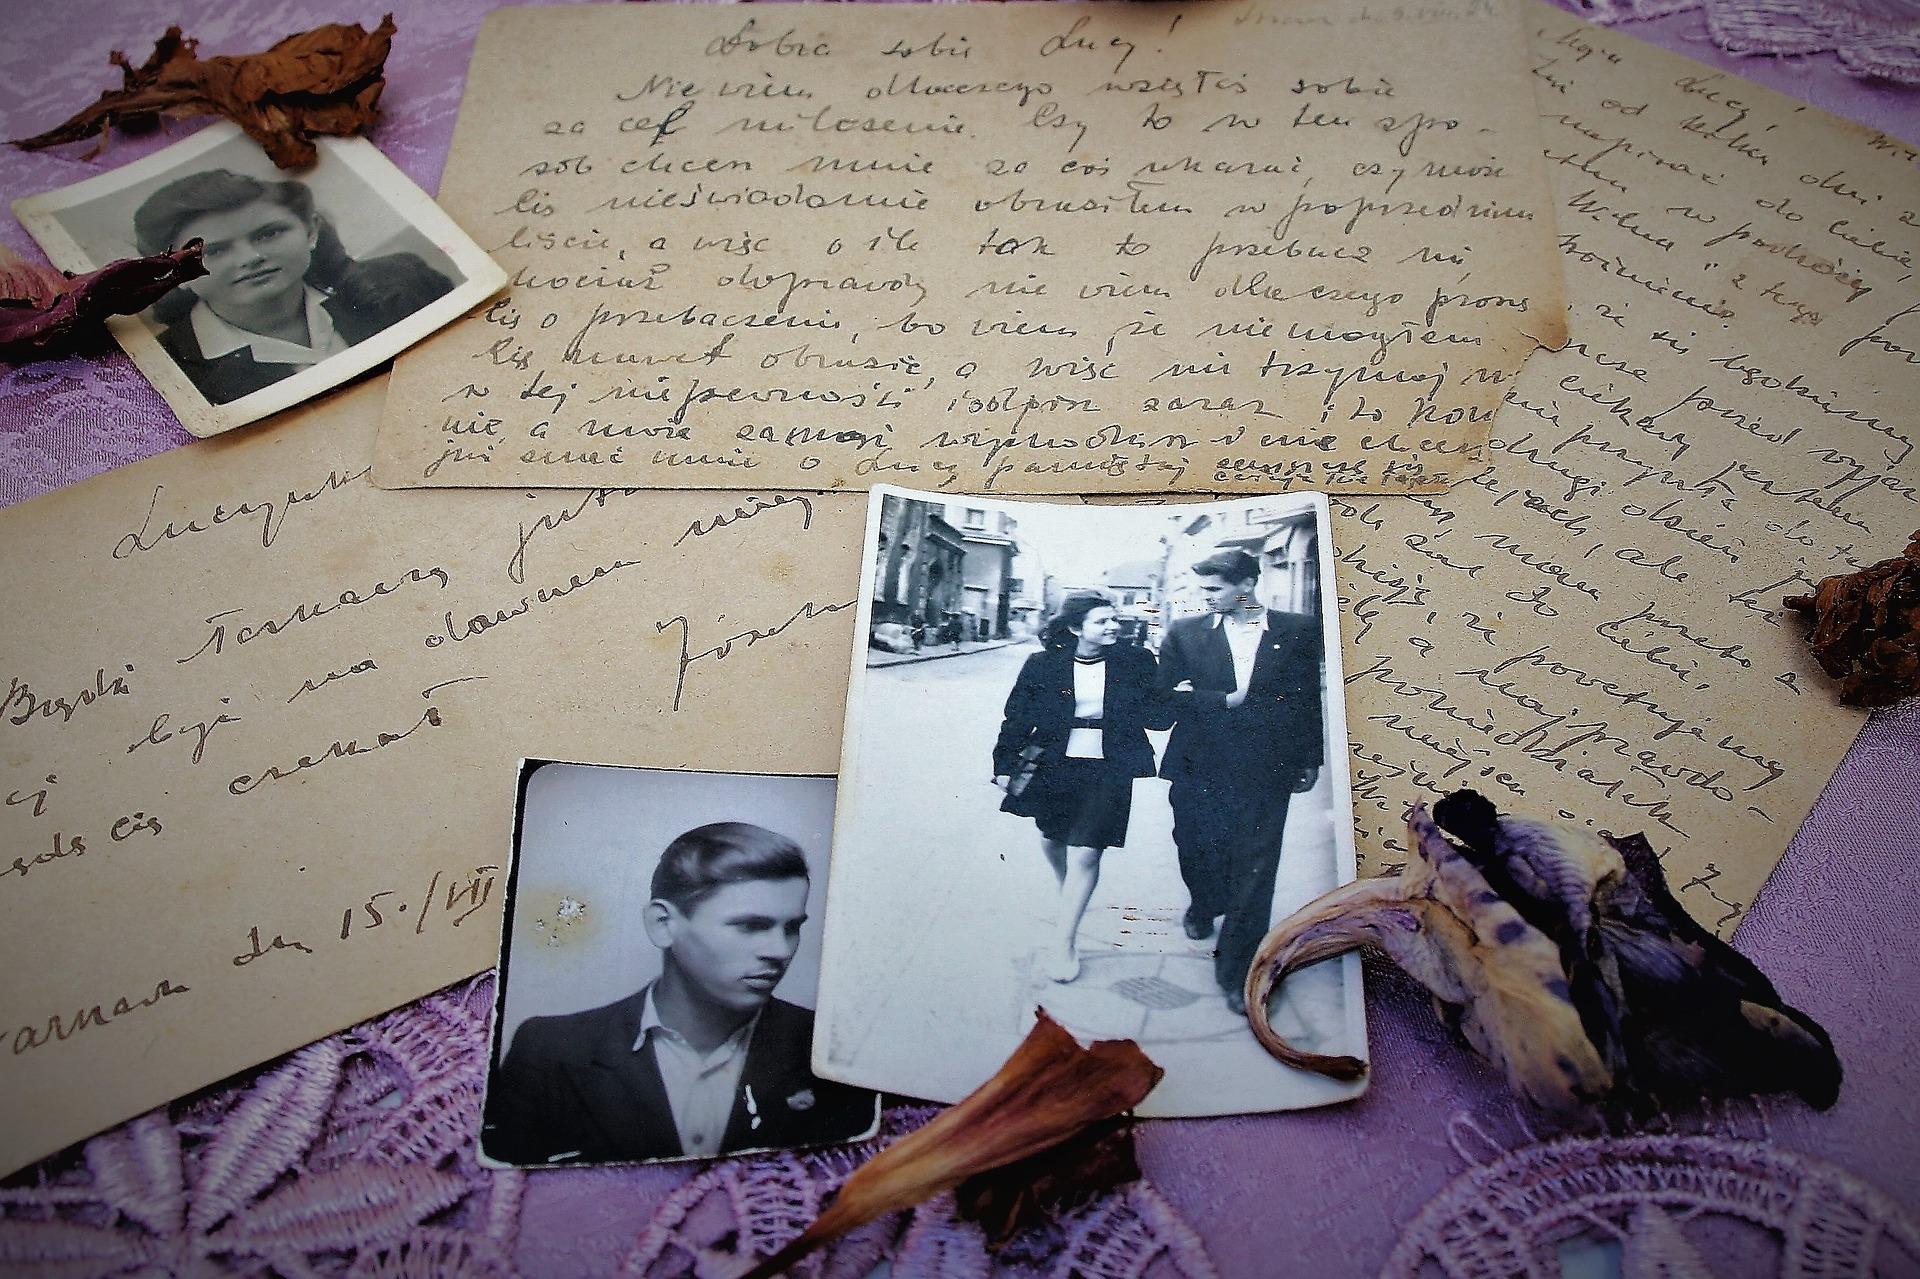 old-photos-3054903_1920.jpg